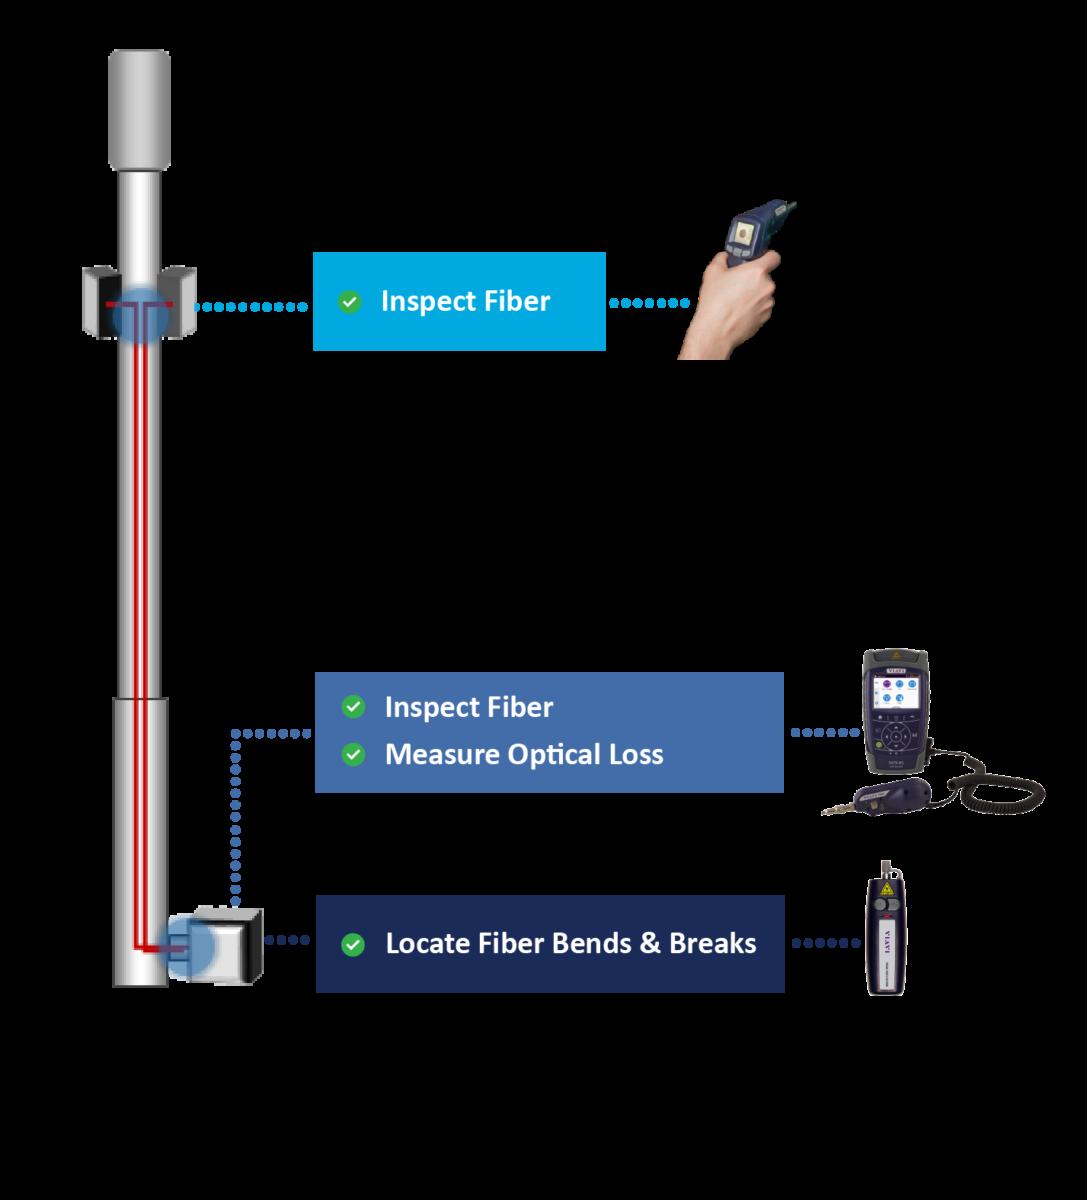 fiberinstallerkit-graphic